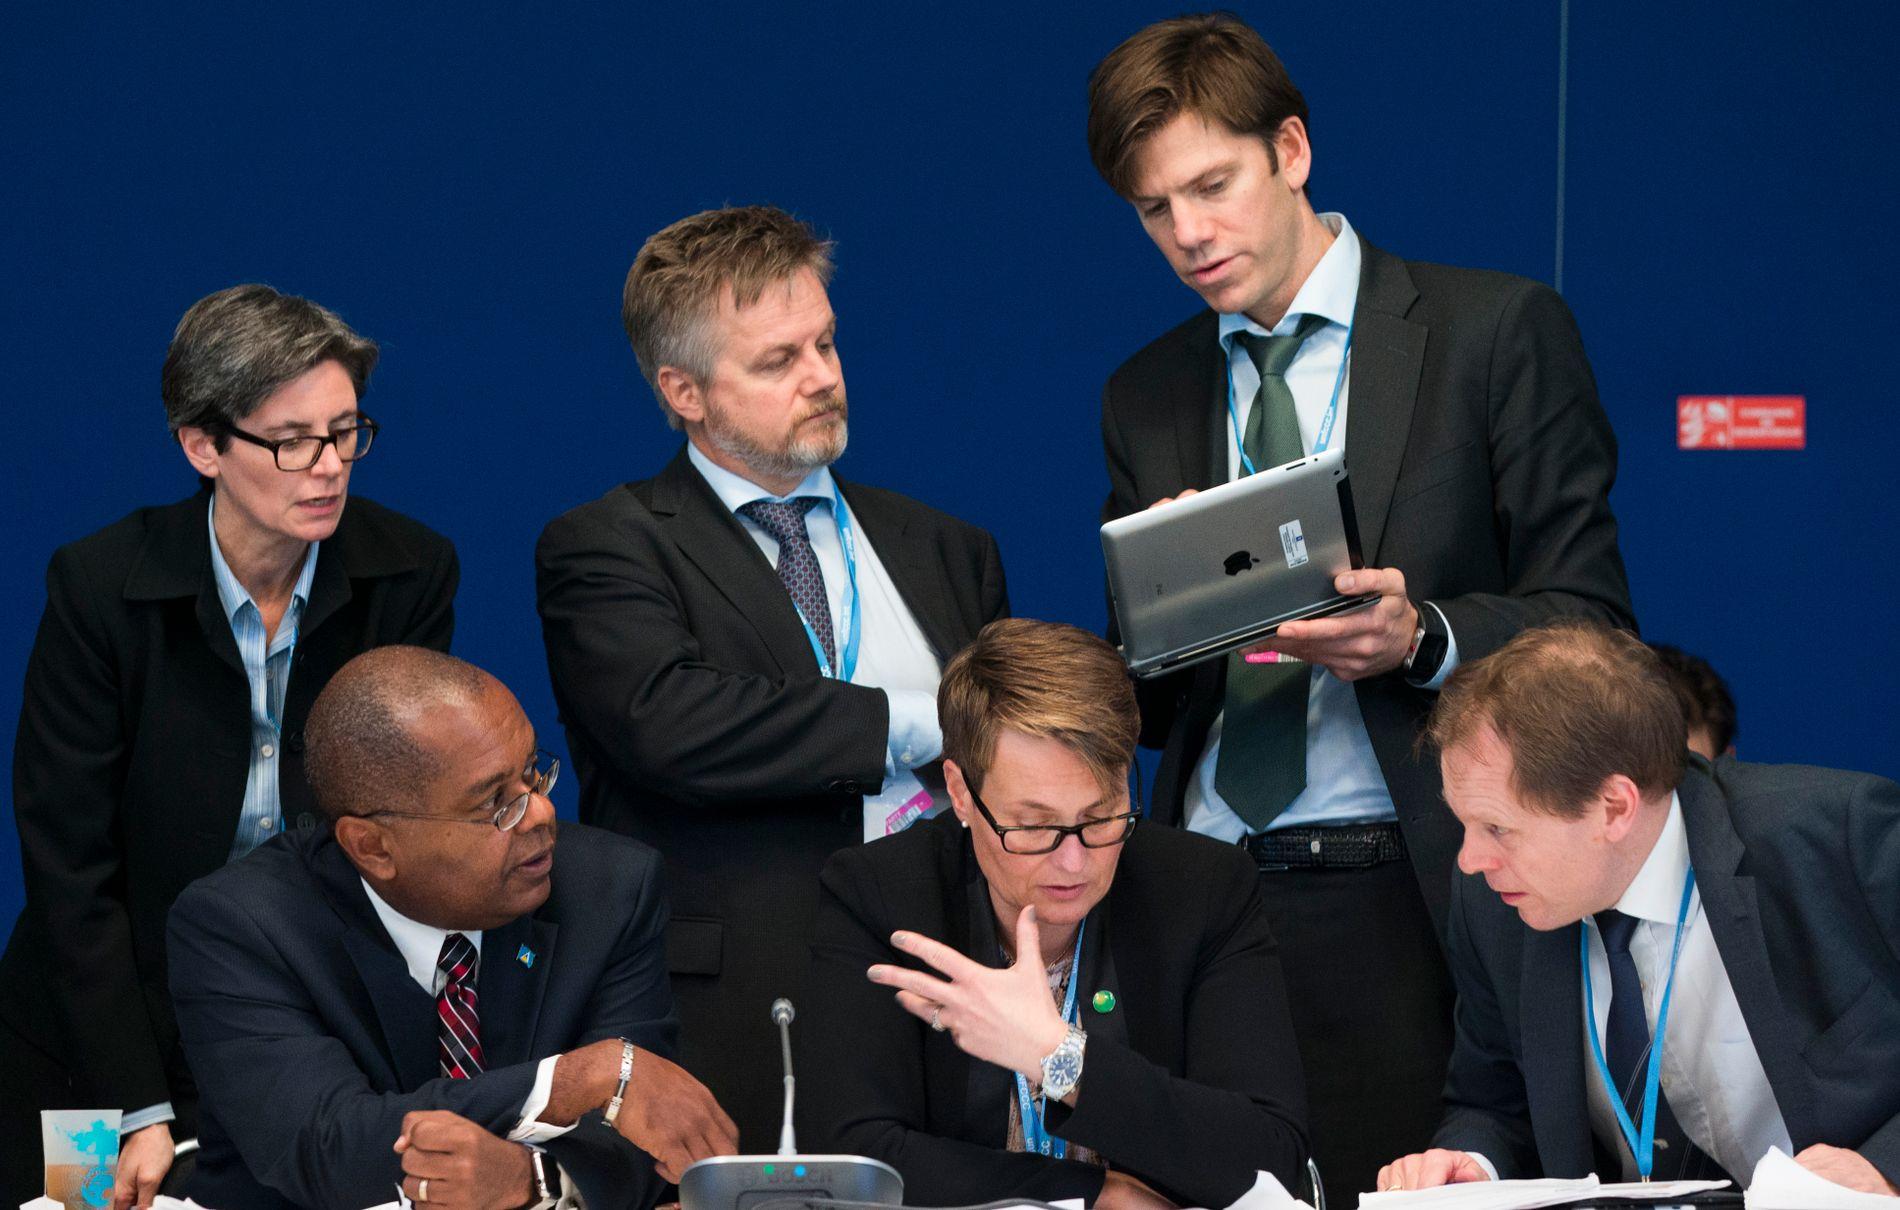 INTENS FASE: Klimaminister Tine Sundtoft leder forhandlingene om ambisjonsnivå i den ny klimaavtalen. Her er hun flankert av minister-kollega James Fletcher (Saint Lucia) og Norges forhandlingsleder Aslak Brun (til h.). Bak står medlemmer av det norske forhandlingsteamet i Paris.